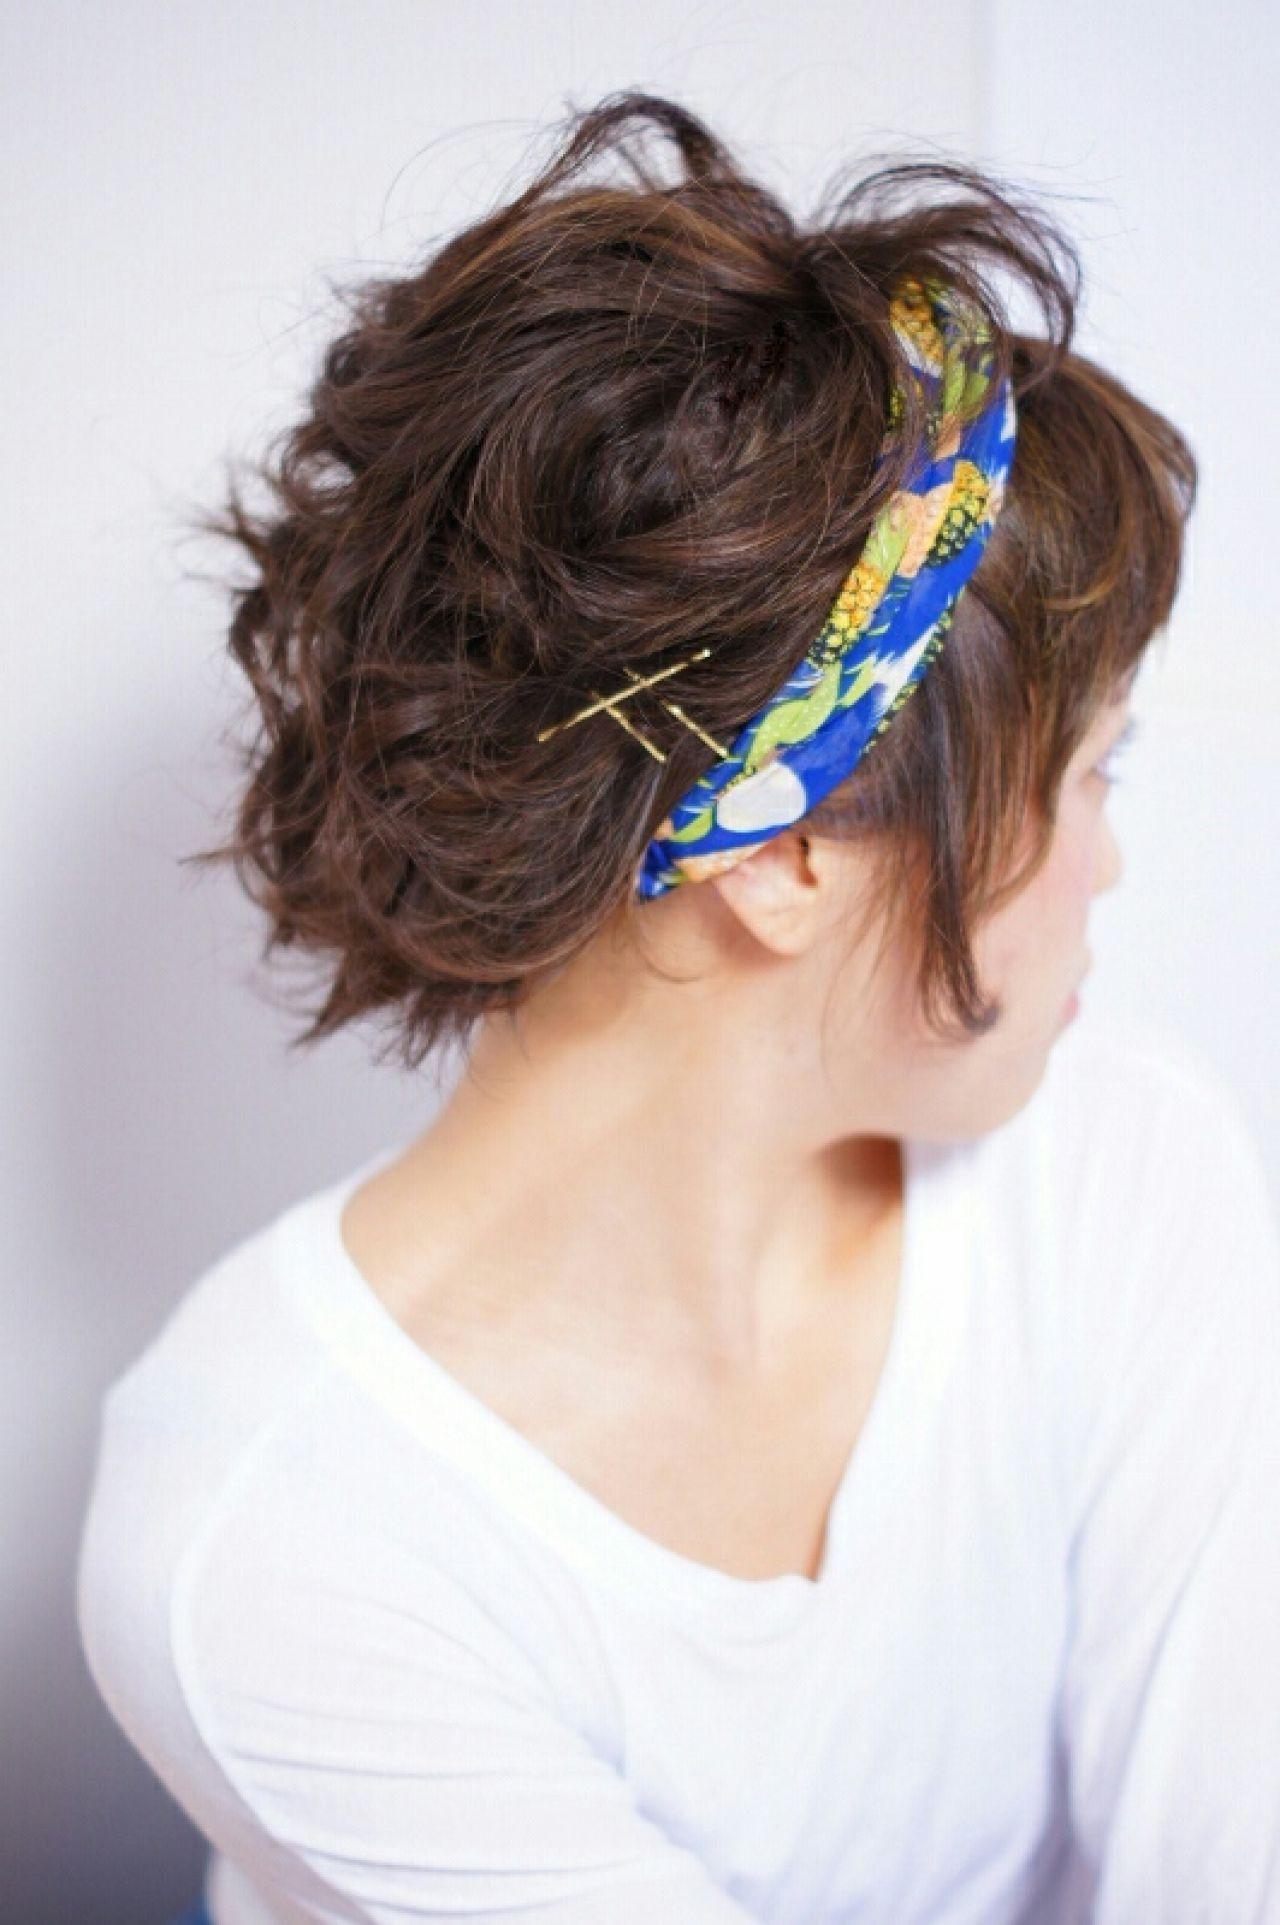 ショートさん向け簡単ヘアアレンジで、マンネリしがちな雰囲気変えてみる? Ciel Hairdesign 代表 今田 亮